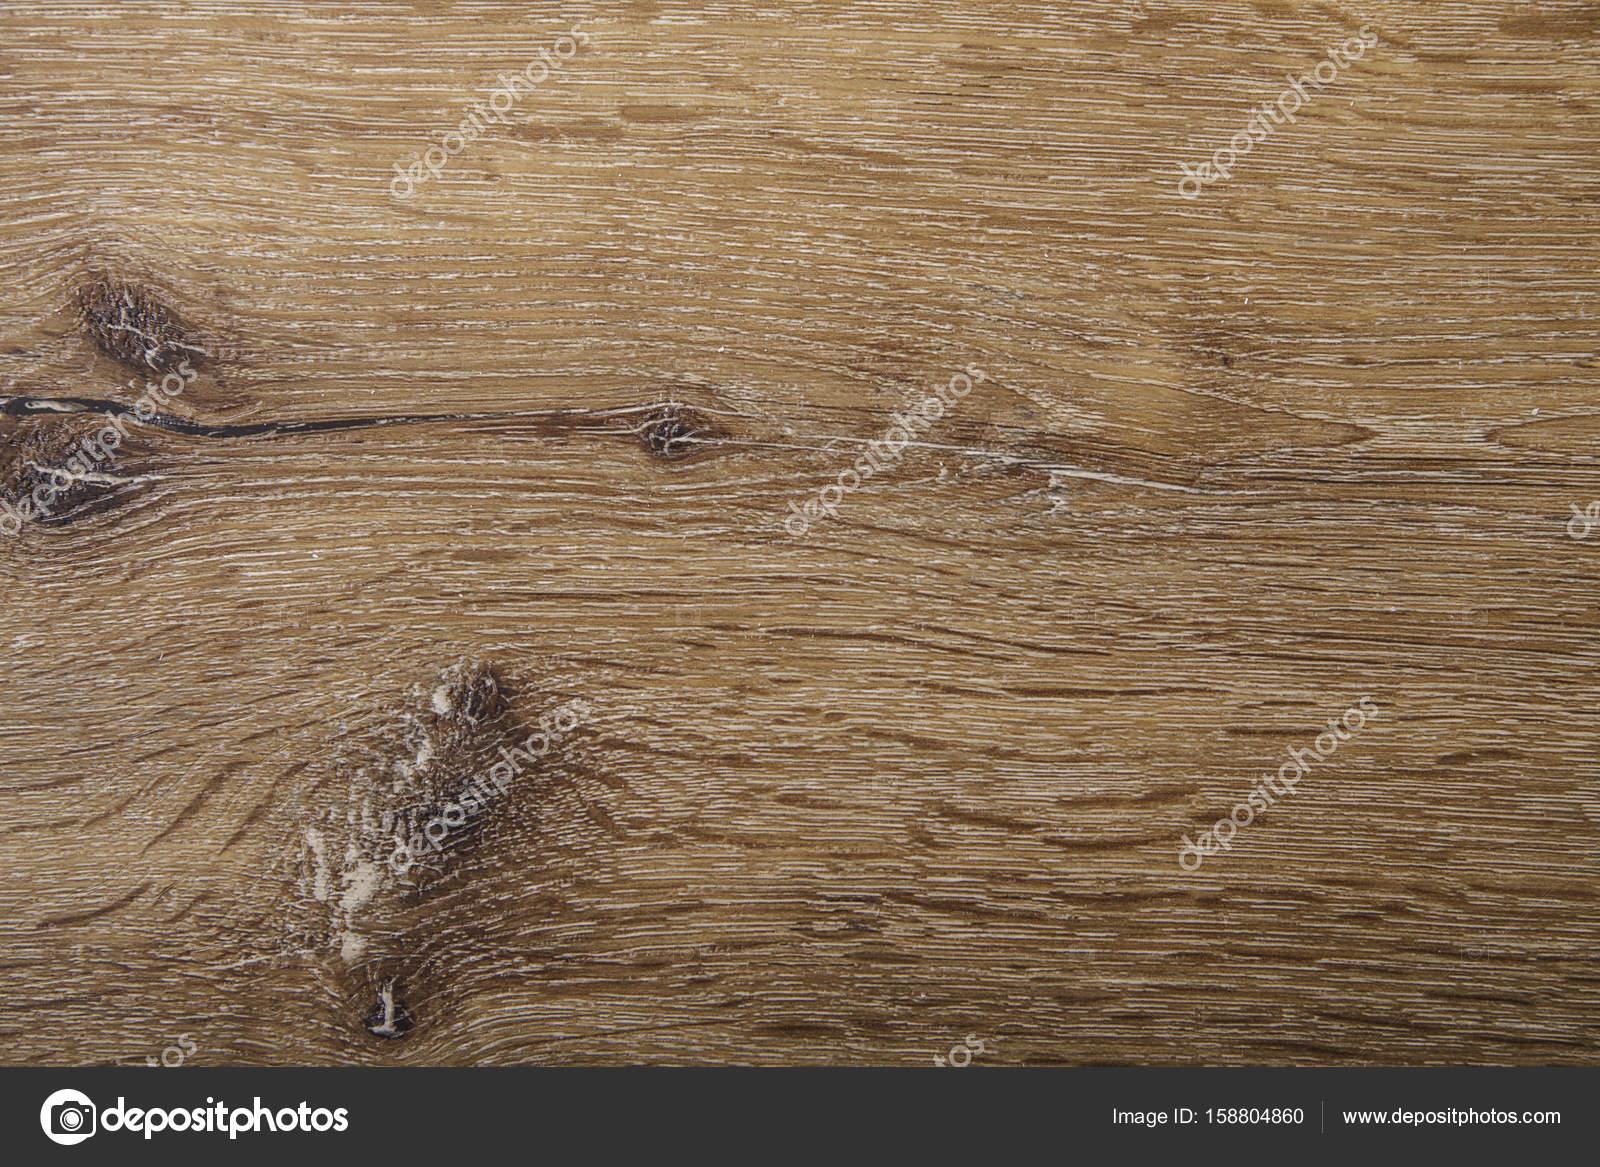 Nieuwe Houten Vloer : Nieuwe eiken parket houten vloer textuur u2014 stockfoto © borman.mail